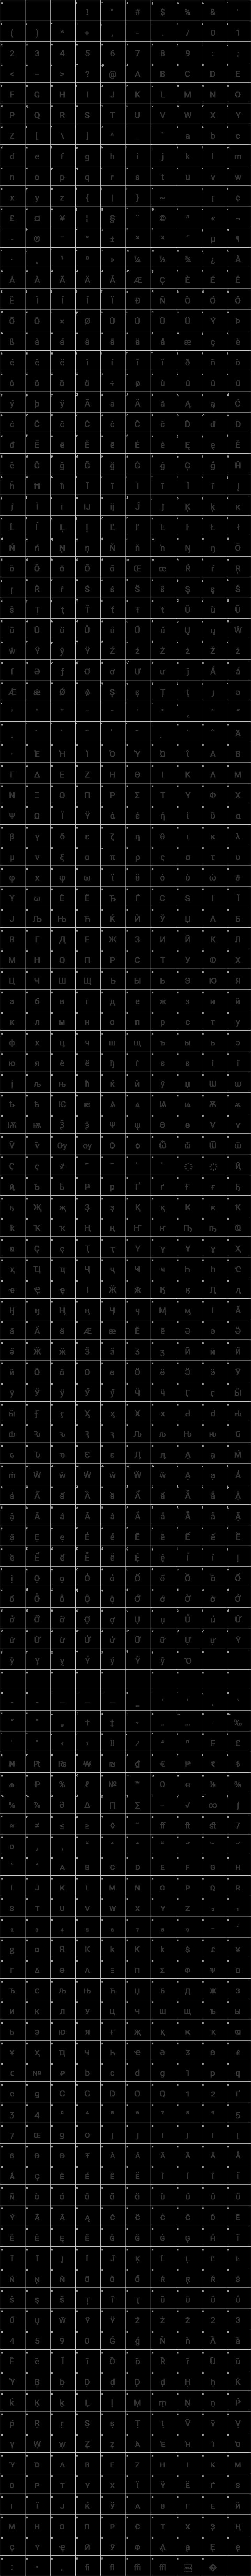 Roboto 2014 Glyph Map